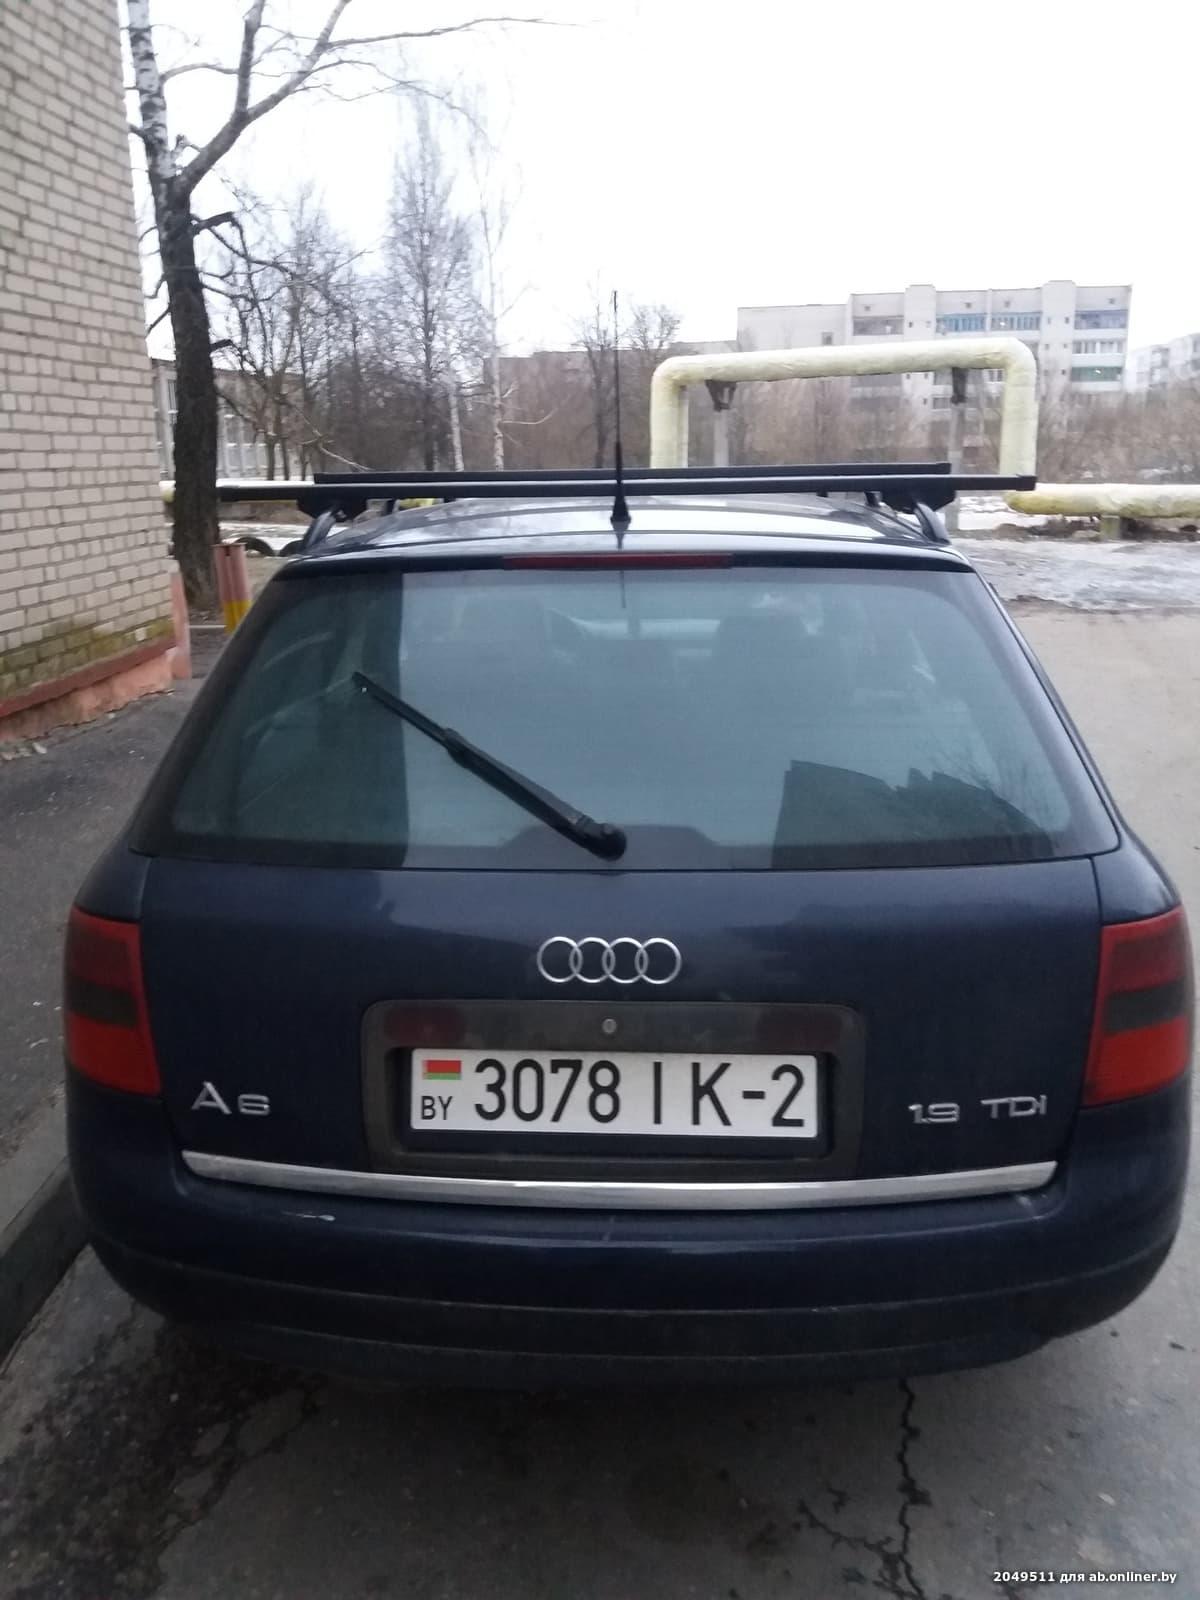 Audi A6 AFN